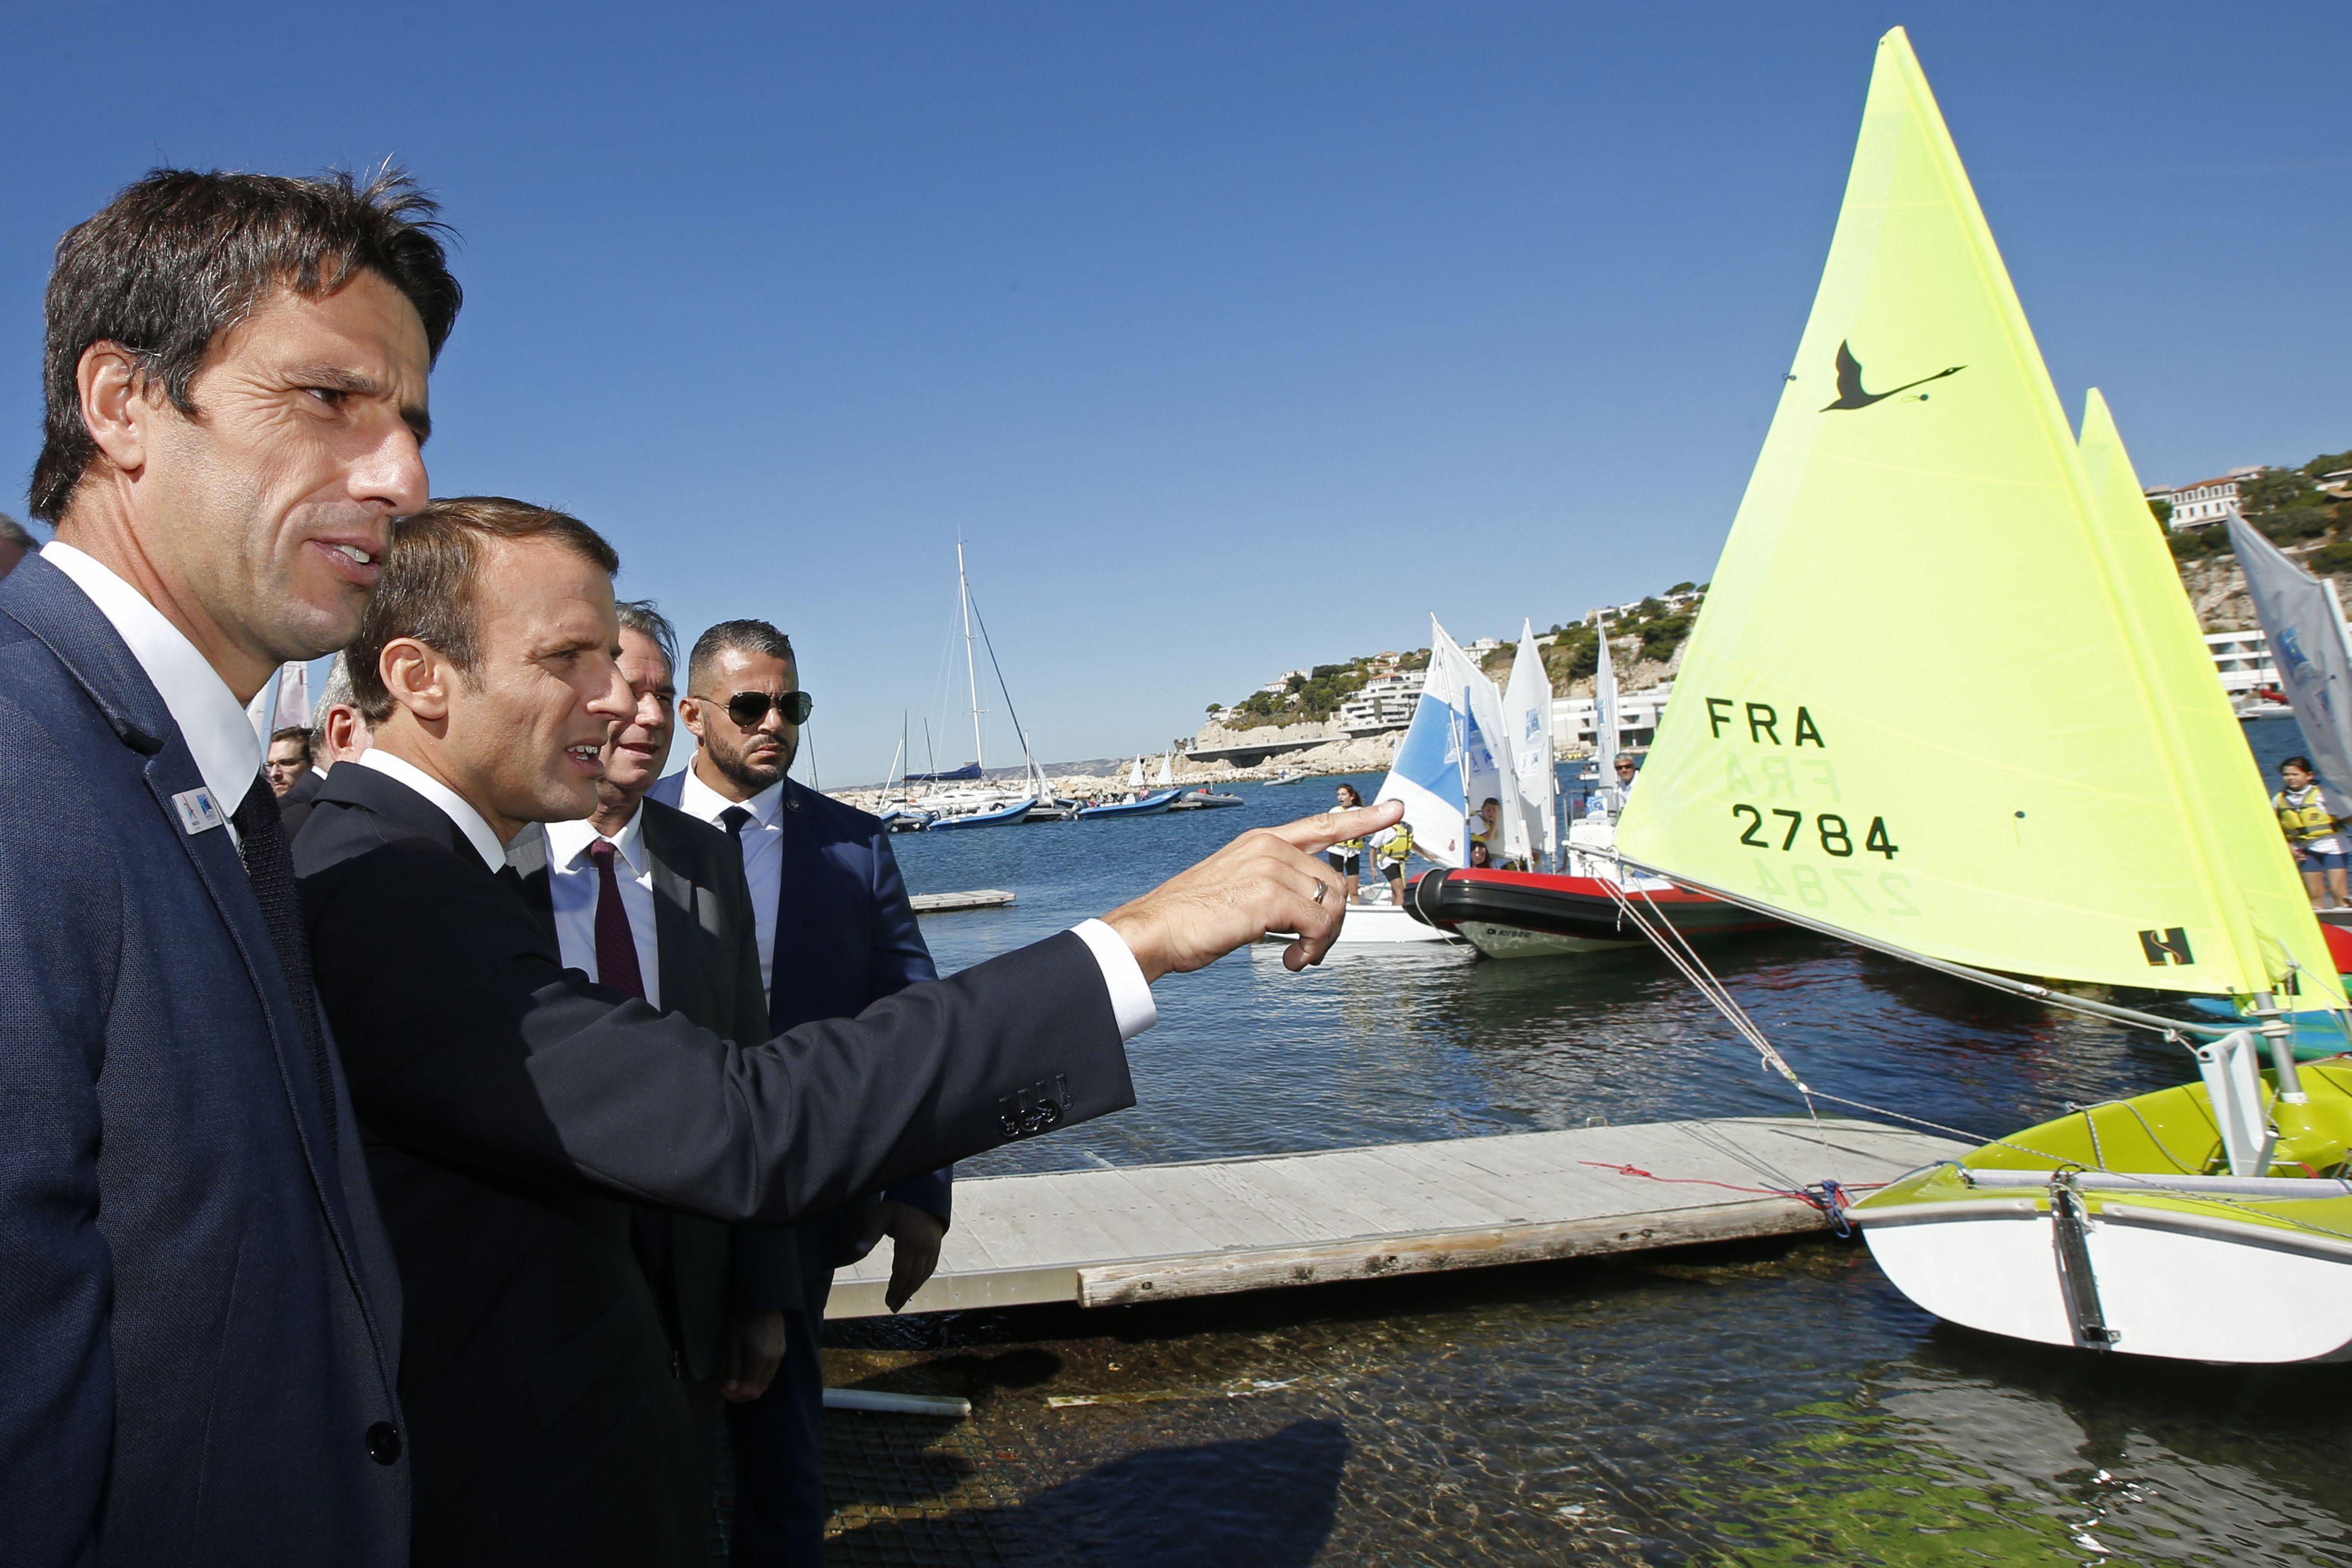 Jeux olympiques - JO 2024 - JO 2024 : Bain de foule pour Macron sur le site de voile à Marseille